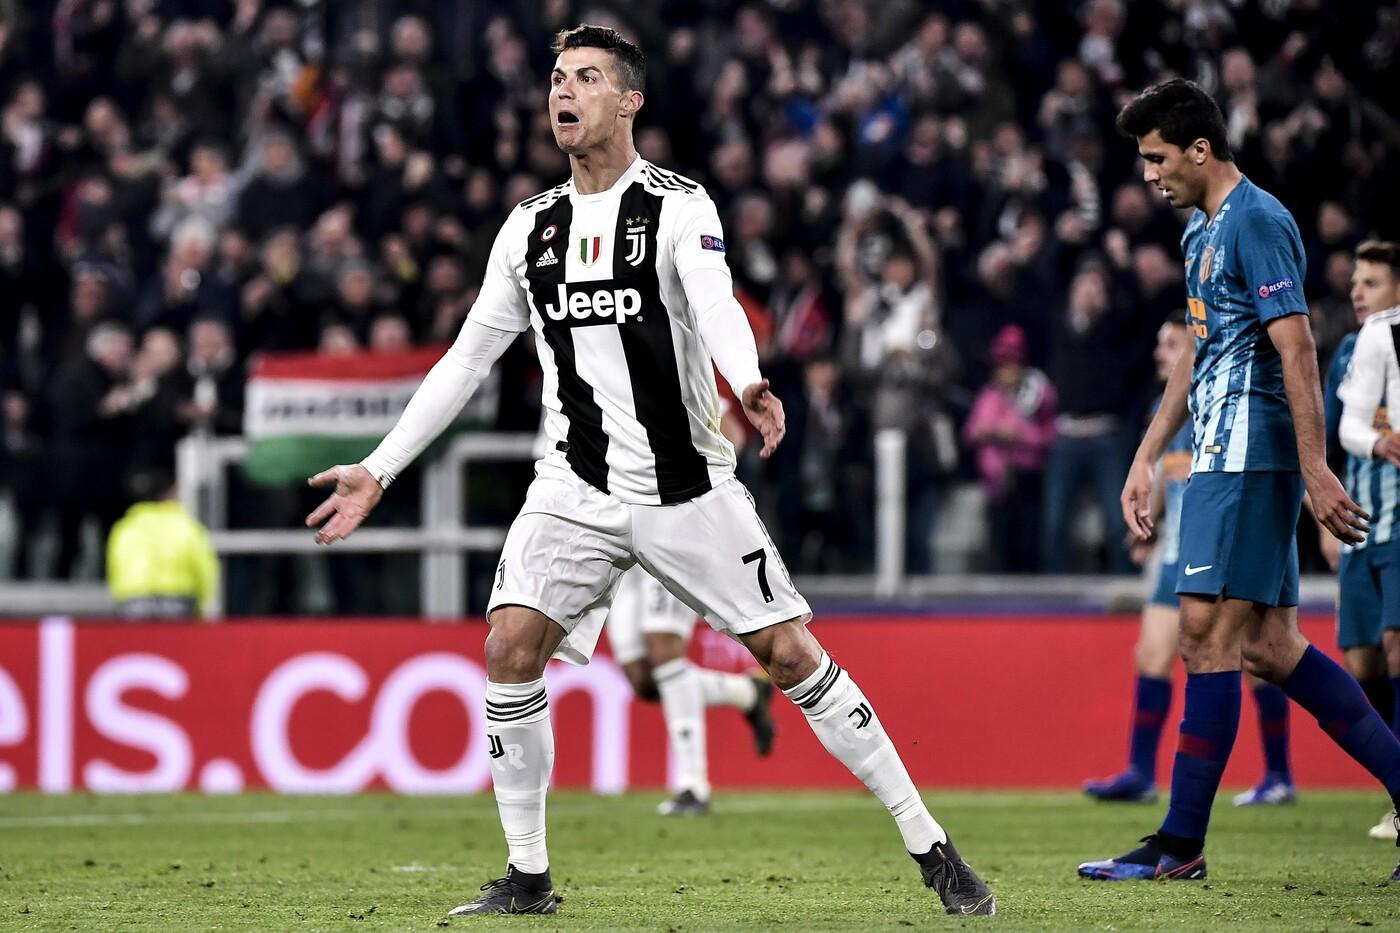 Ronaldo 113 mln (Marco Alpozzi/LaPresse)